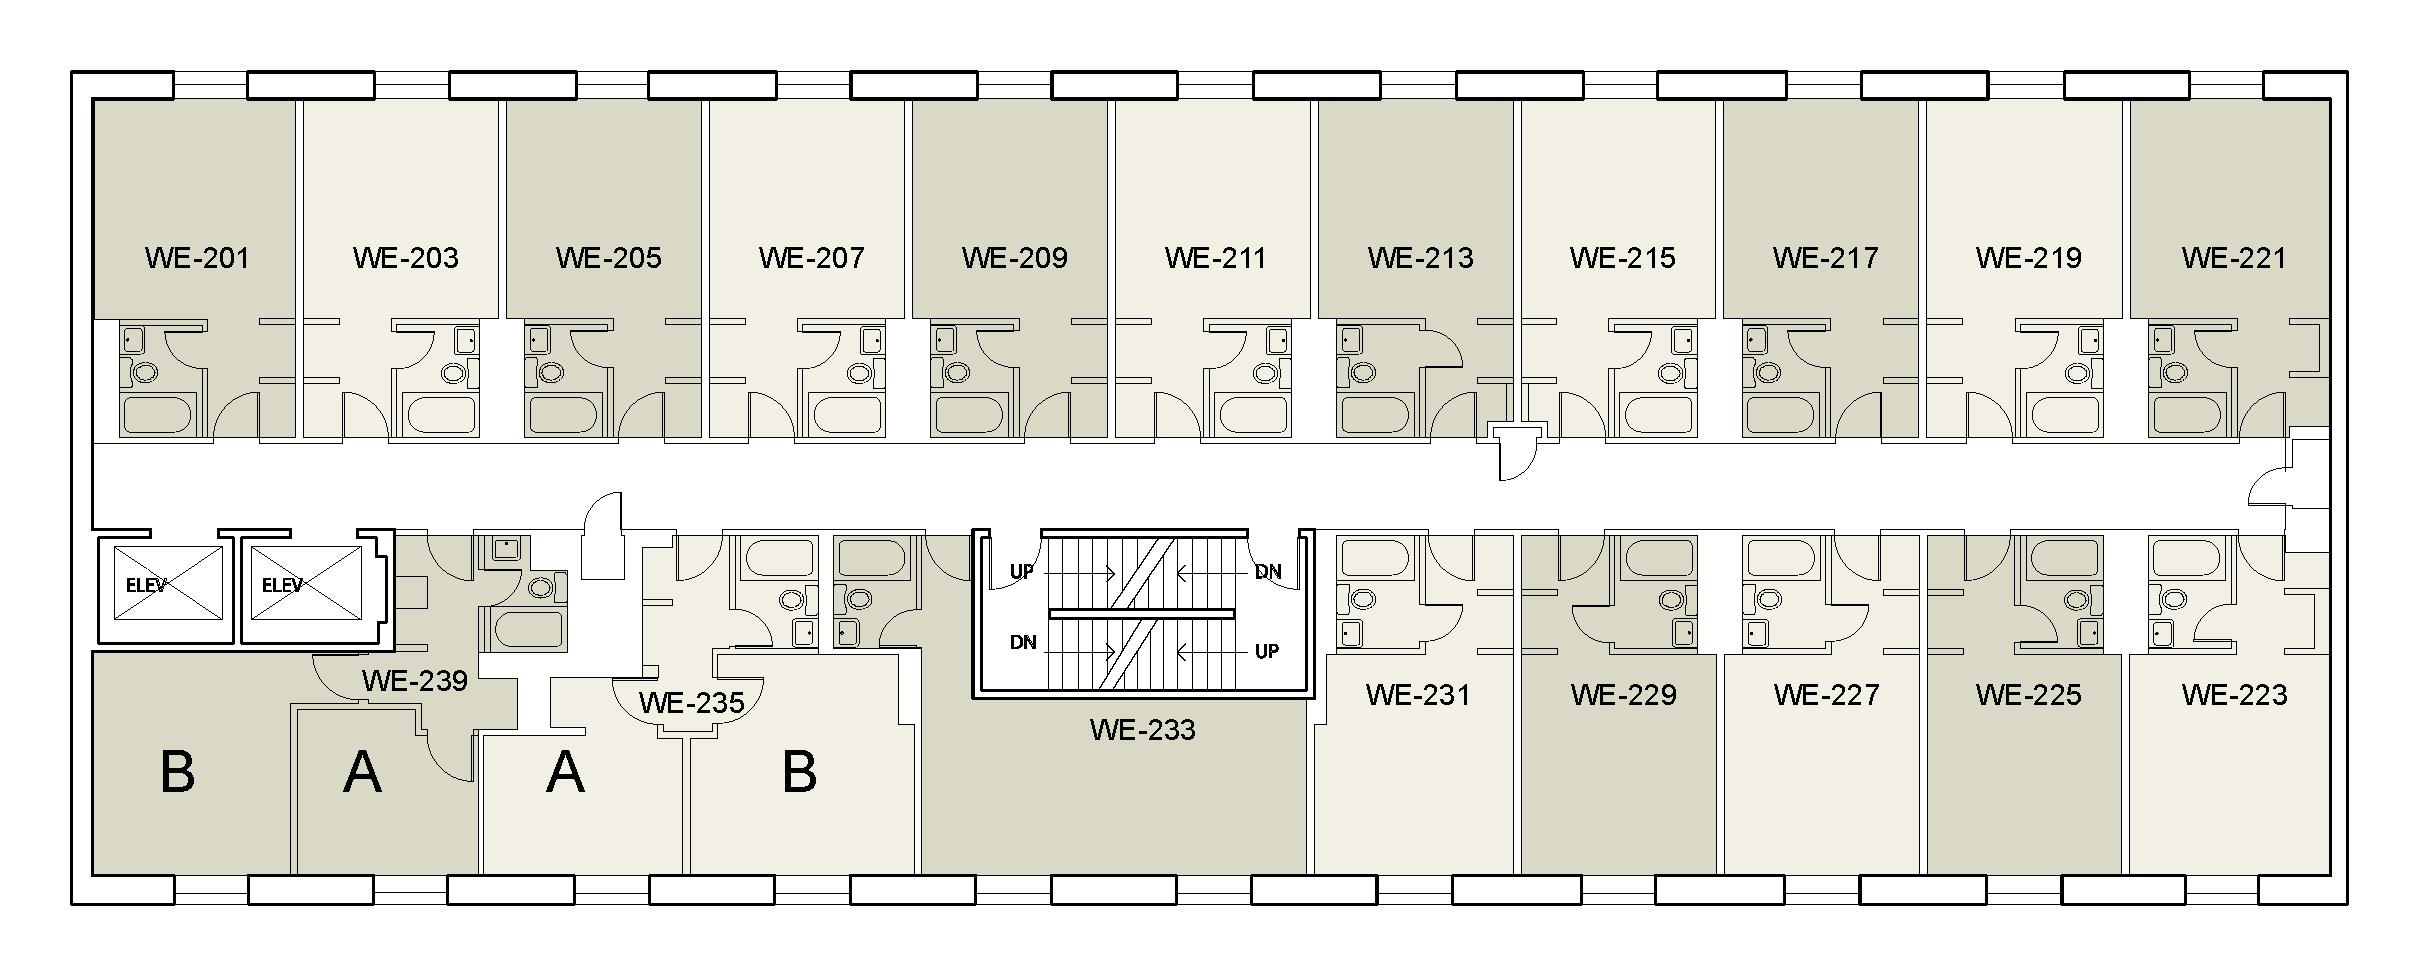 Floor plan for Weinstein Tower West 02